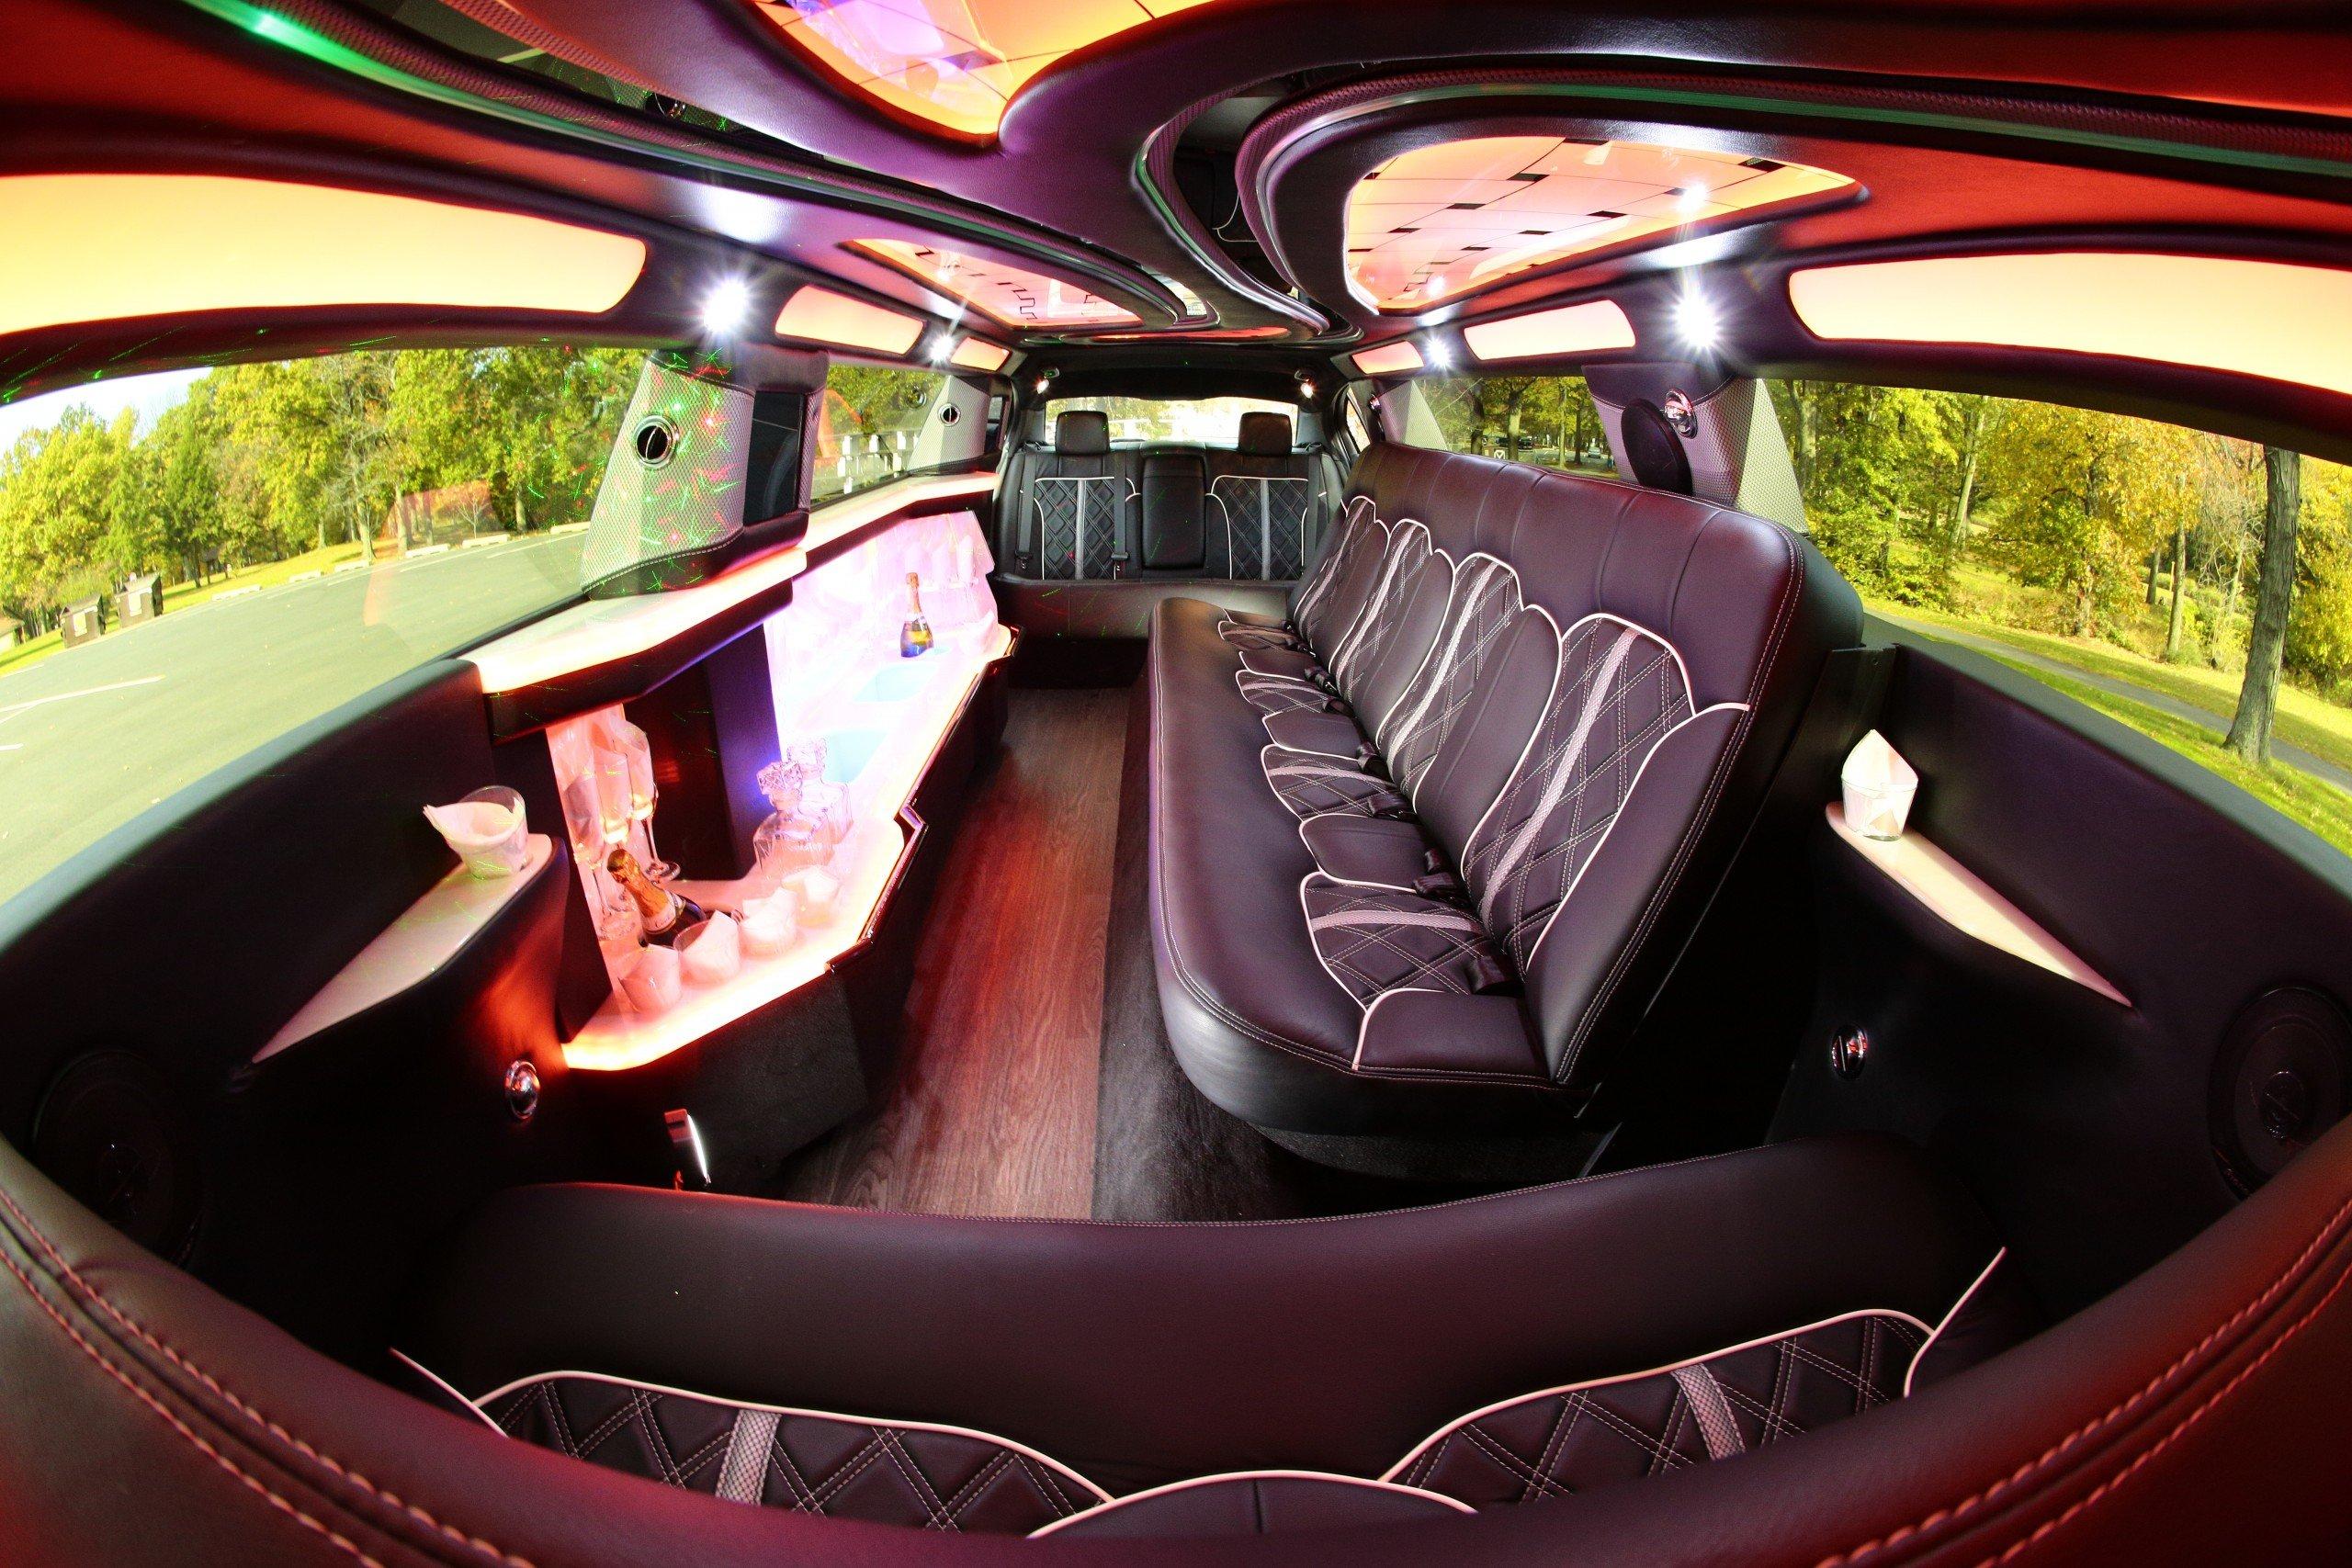 Lincoln MKS Stretch Limo - interior